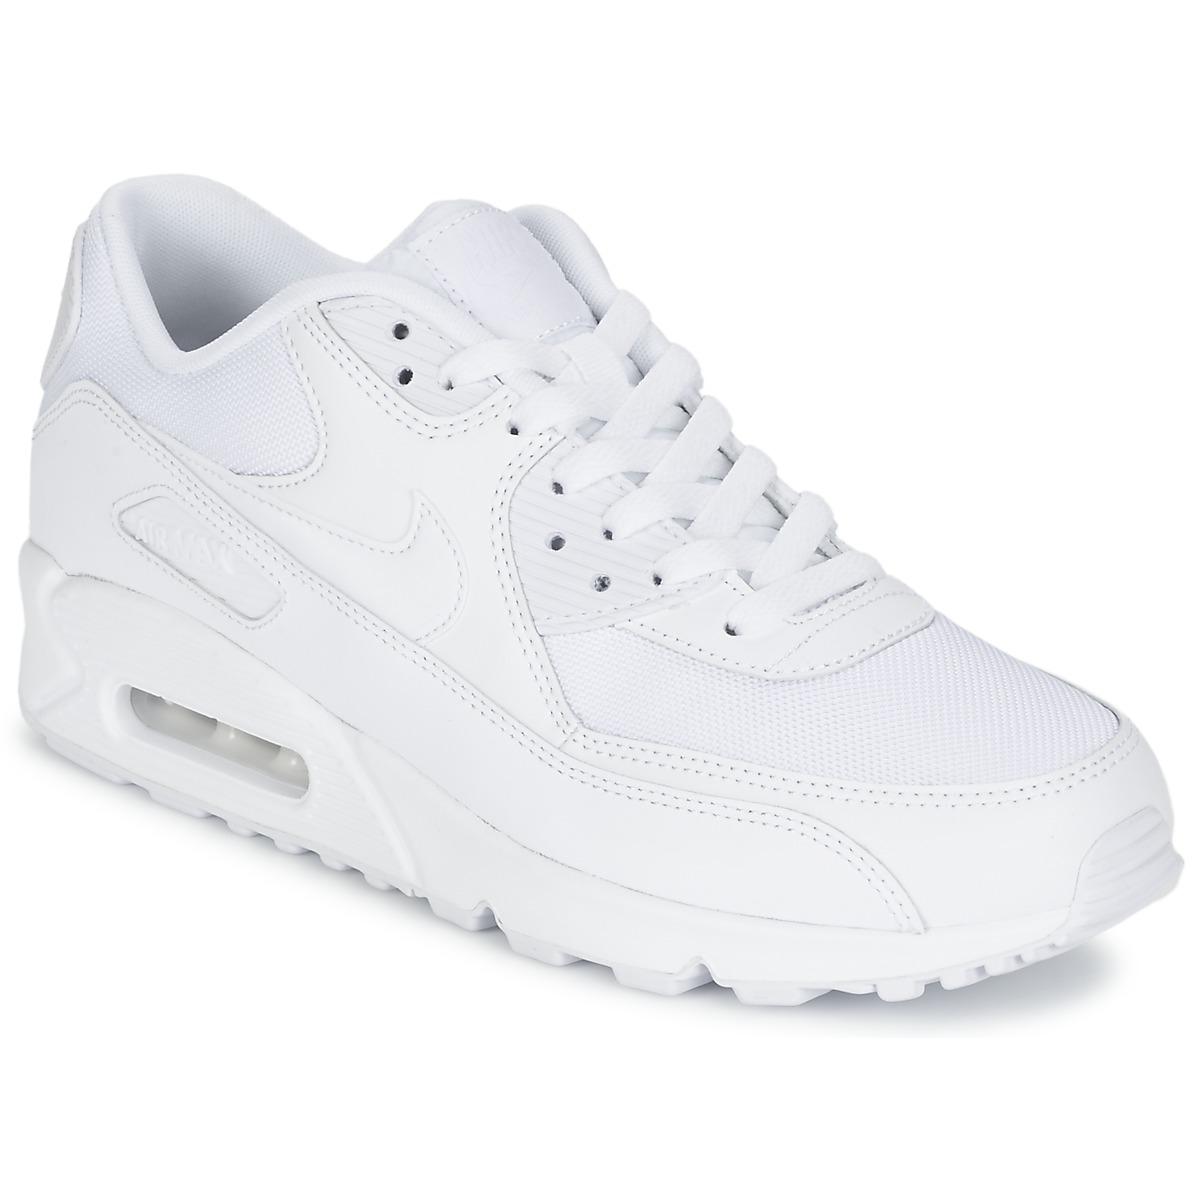 623d980db0e Nike AIR MAX 90 ESSENTIAL Branco - Entrega gratuita com a Spartoo.pt ! -  Sapatos Sapatilhas Homem 122